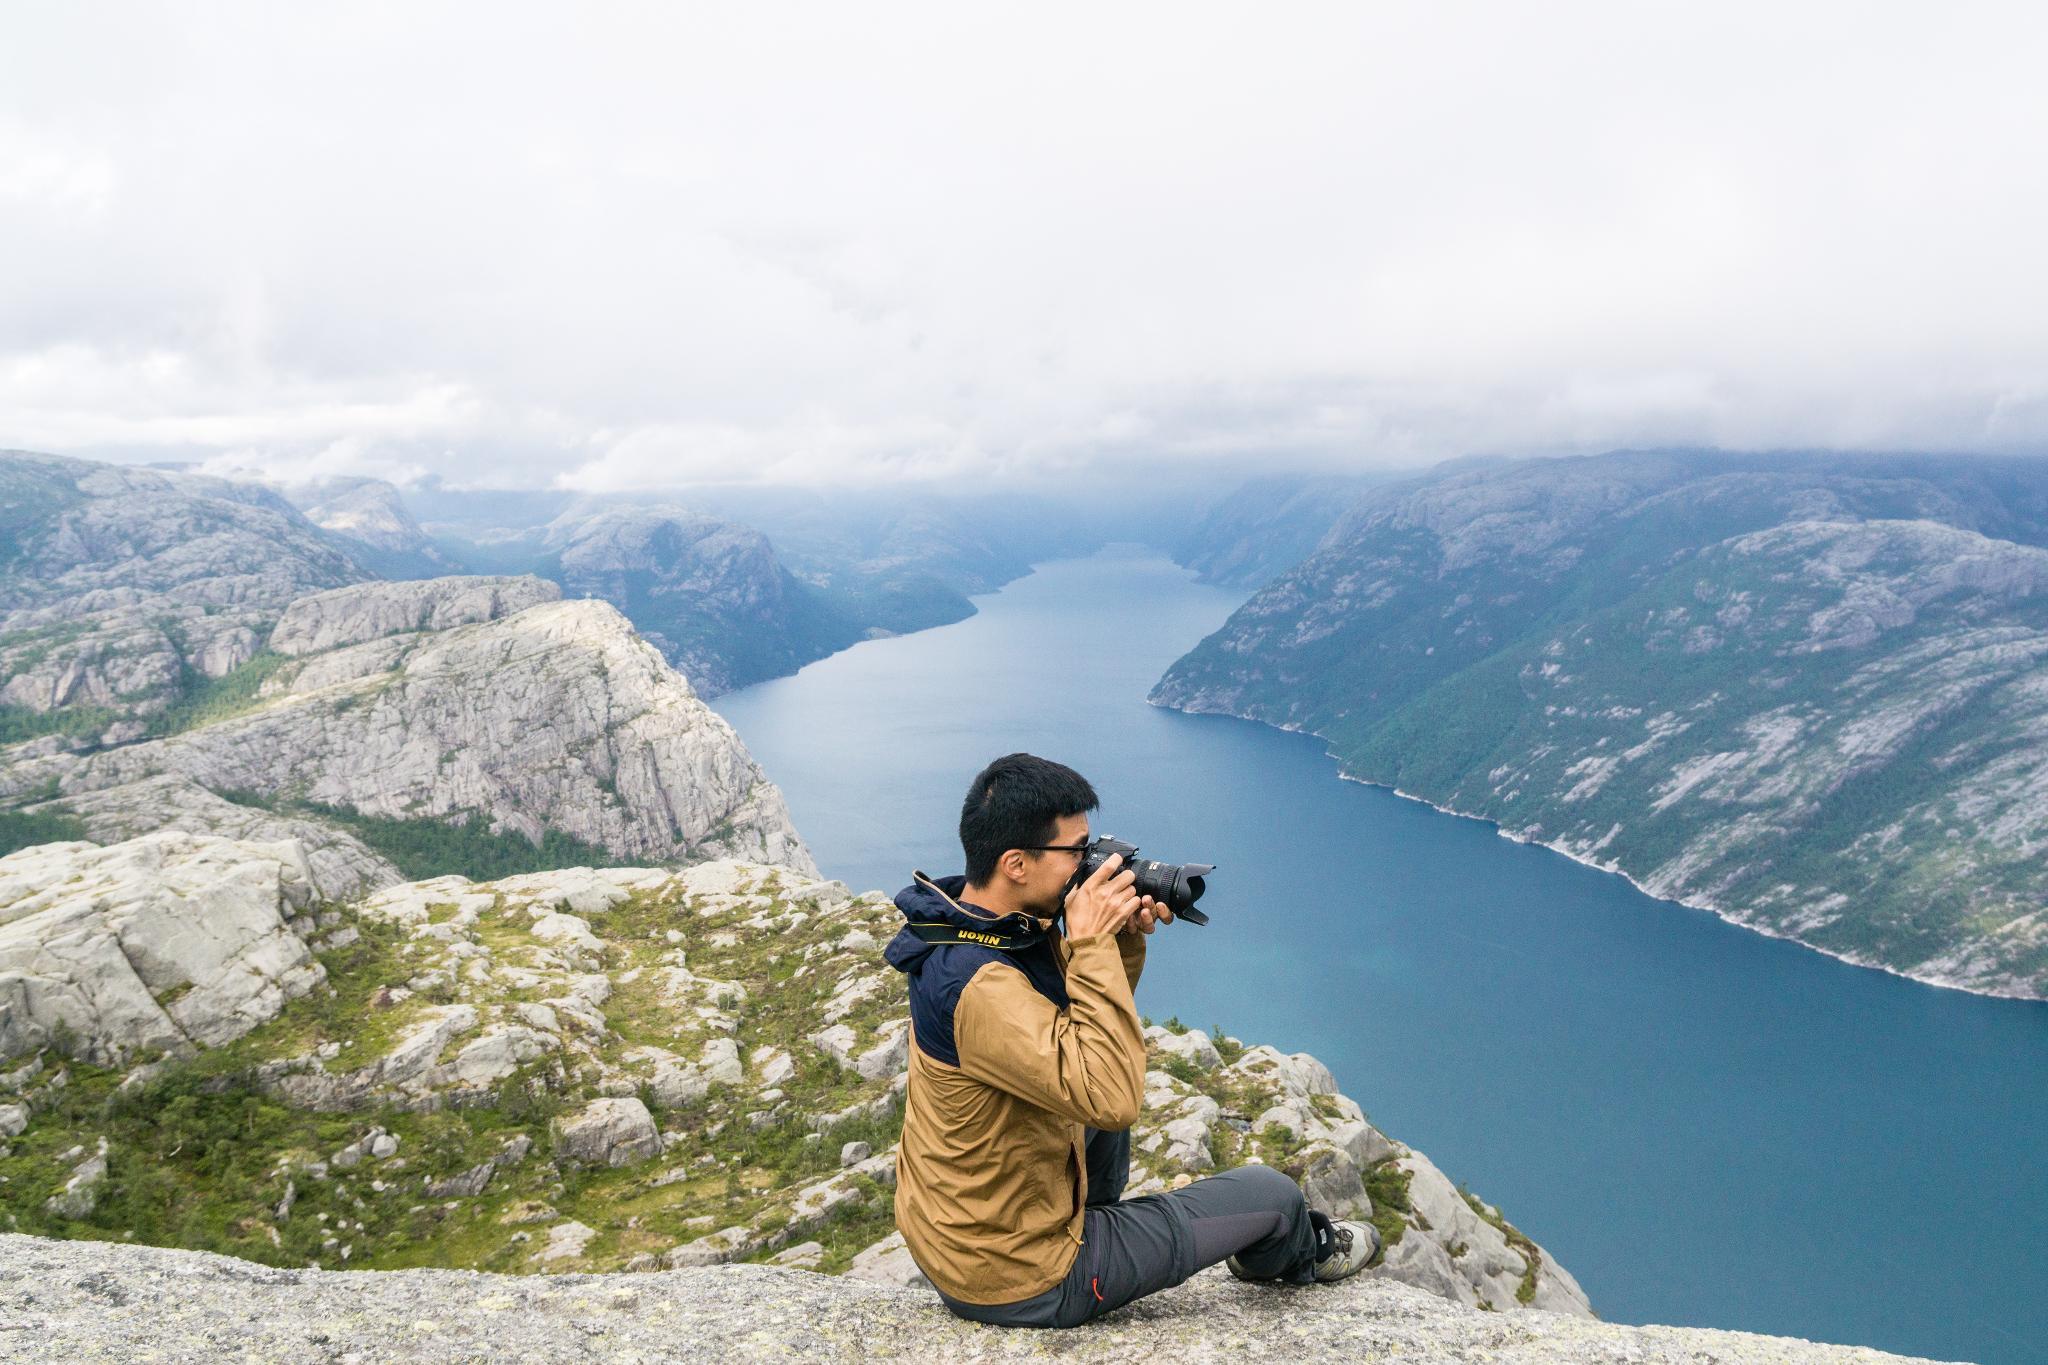 【北歐景點】朝聖挪威三大奇岩:聖壇岩Preikestolen健行紀錄 36